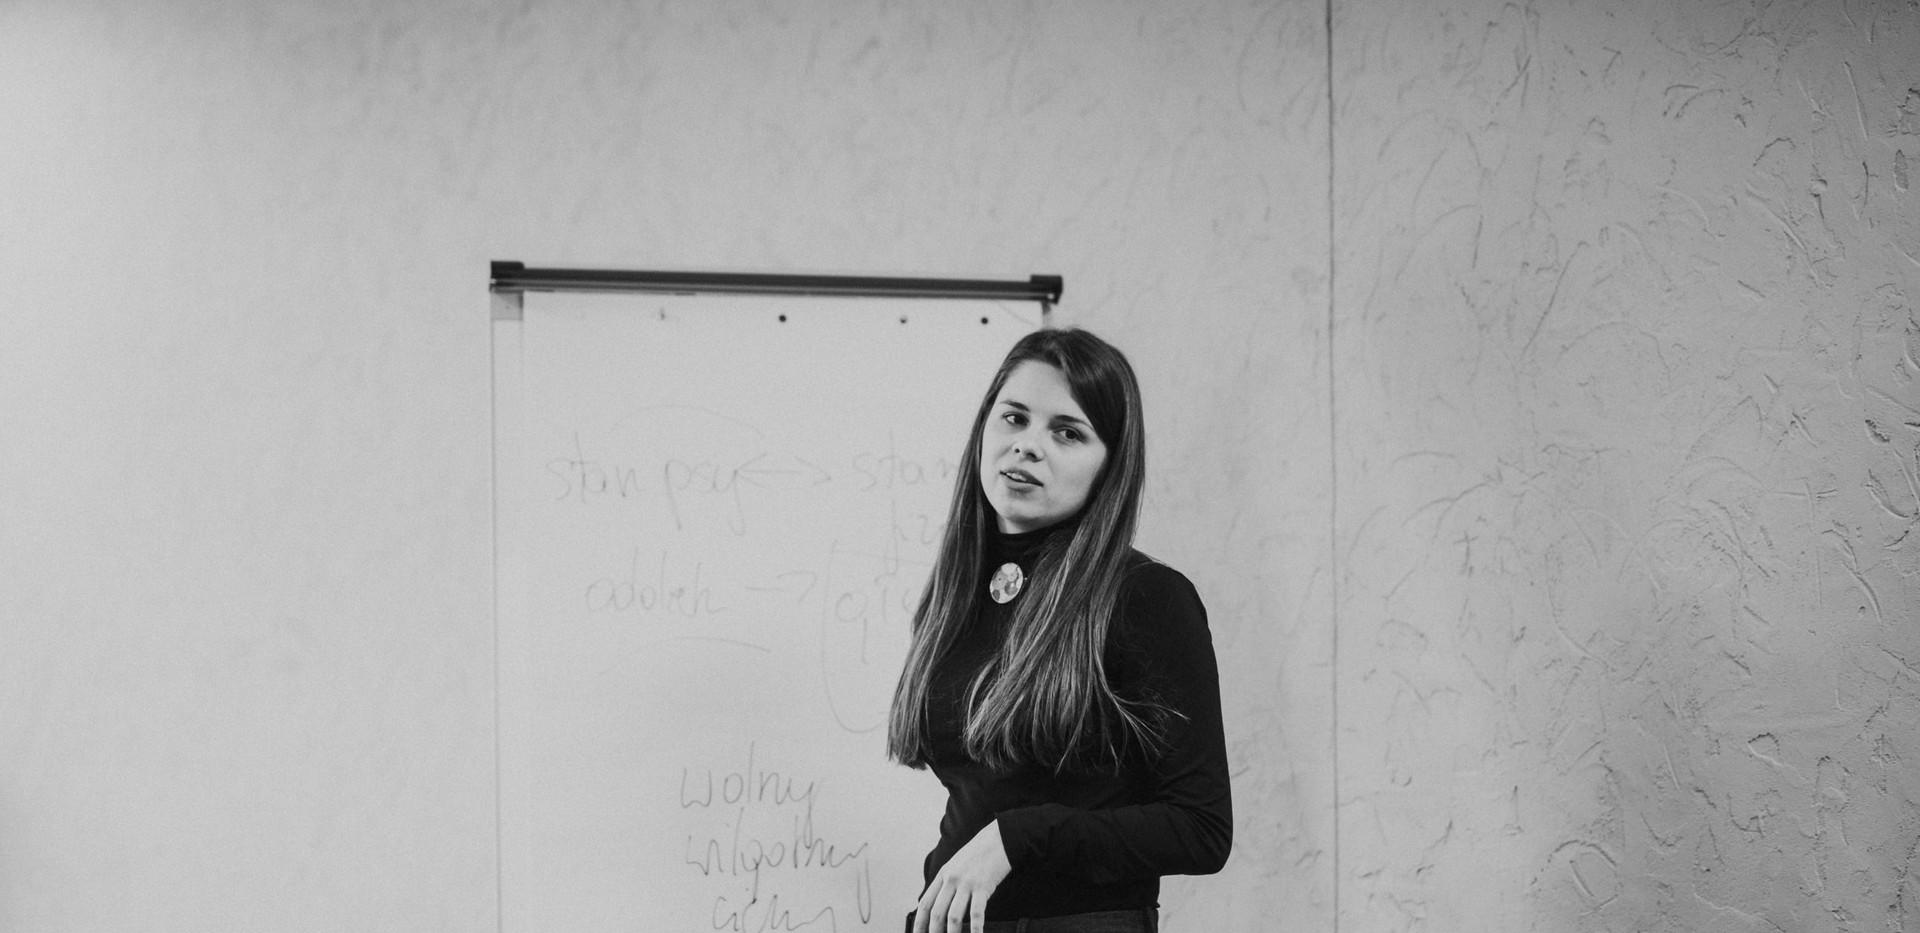 Michalina-emisjagłosu-22.jpg